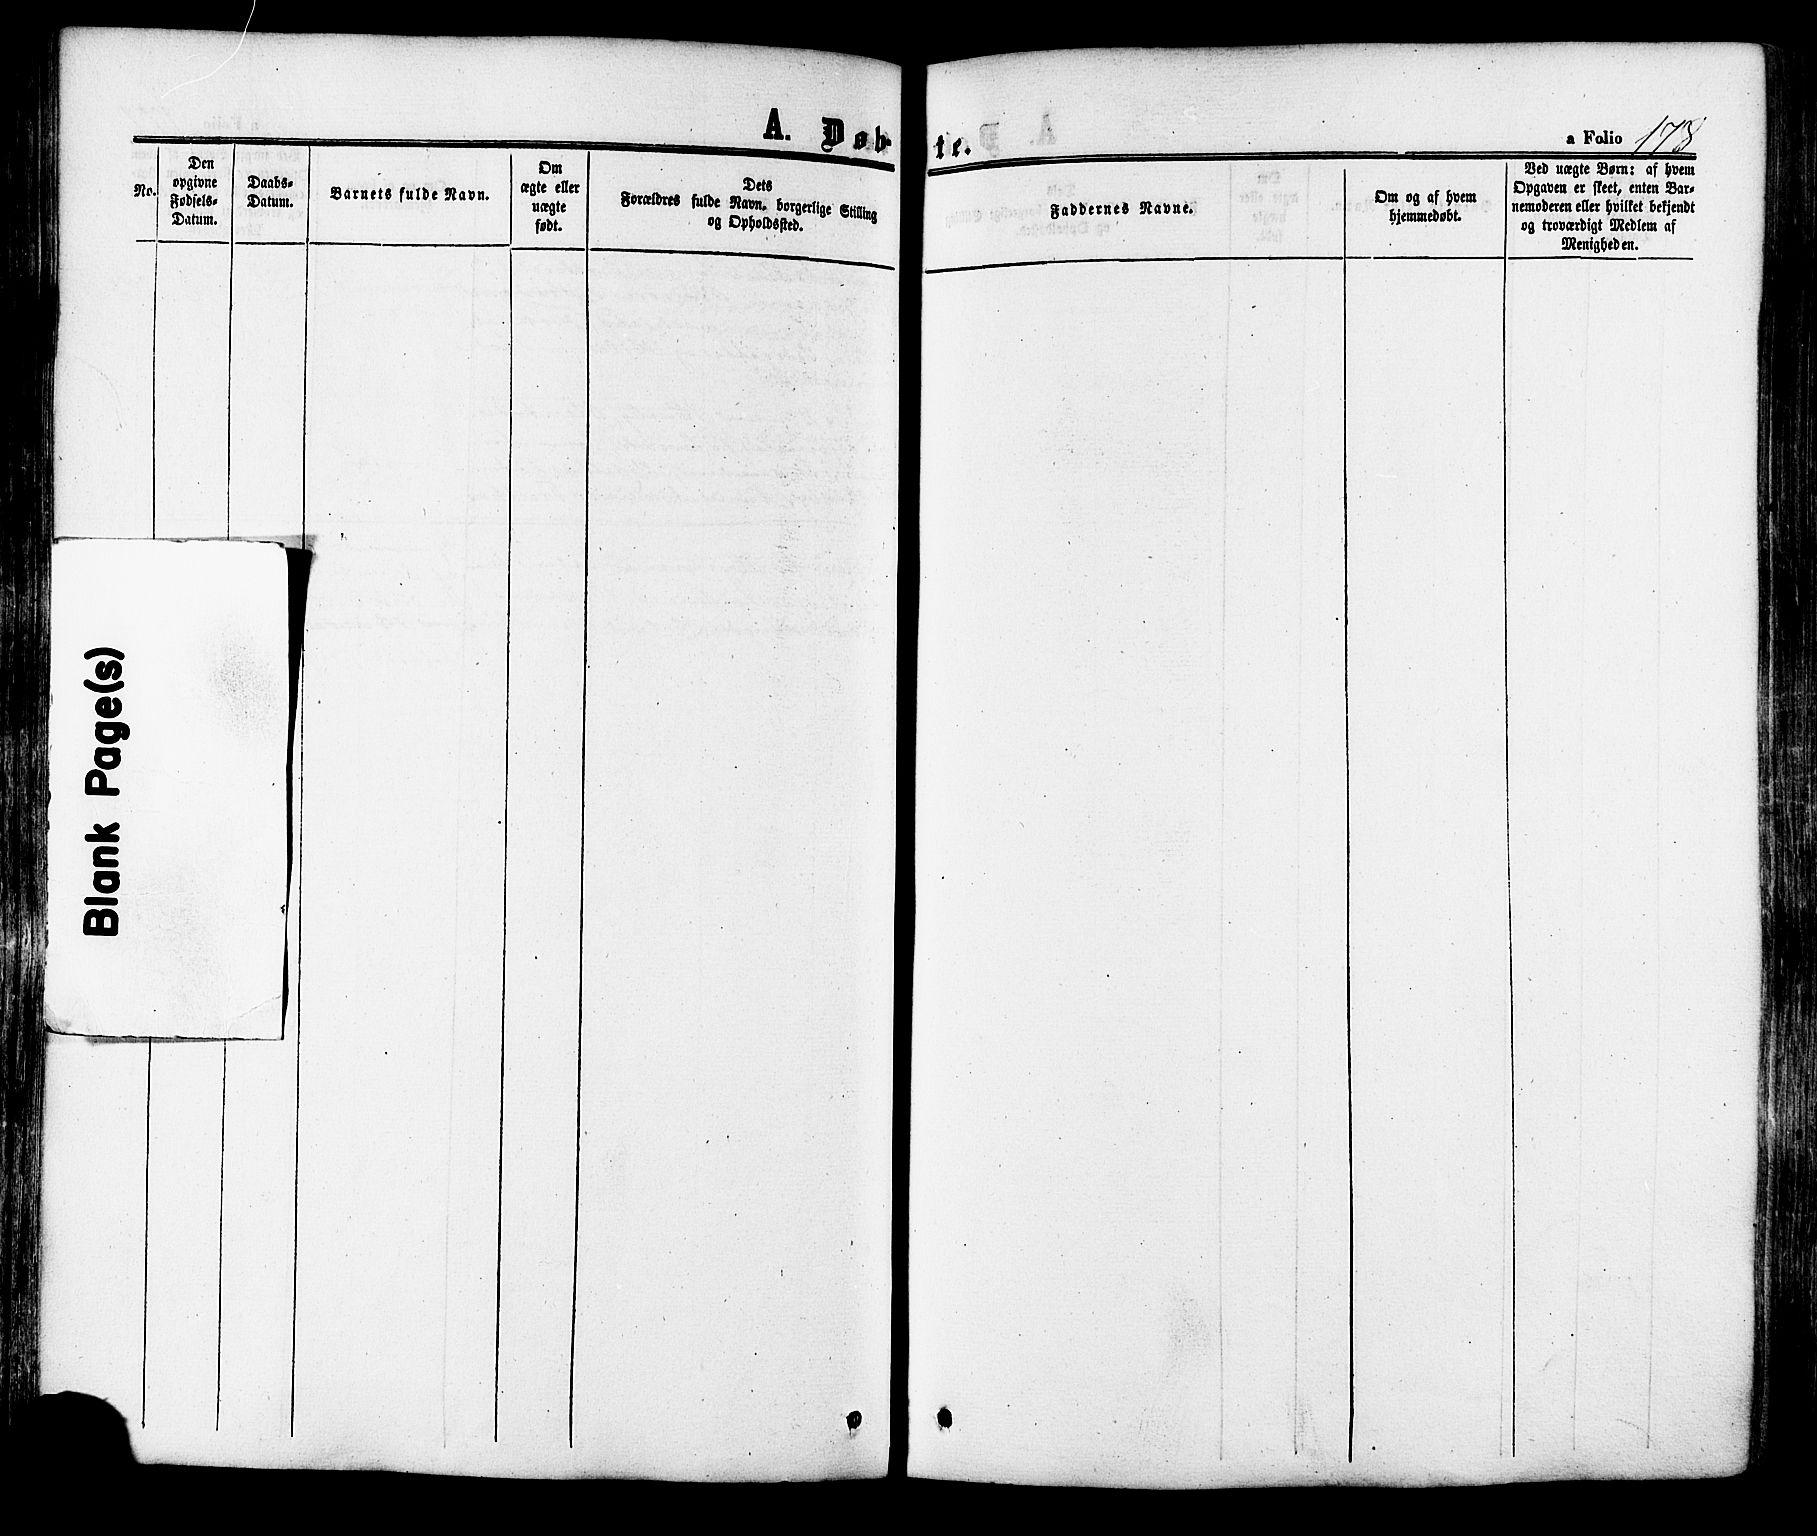 SAT, Ministerialprotokoller, klokkerbøker og fødselsregistre - Sør-Trøndelag, 665/L0772: Ministerialbok nr. 665A07, 1856-1878, s. 178